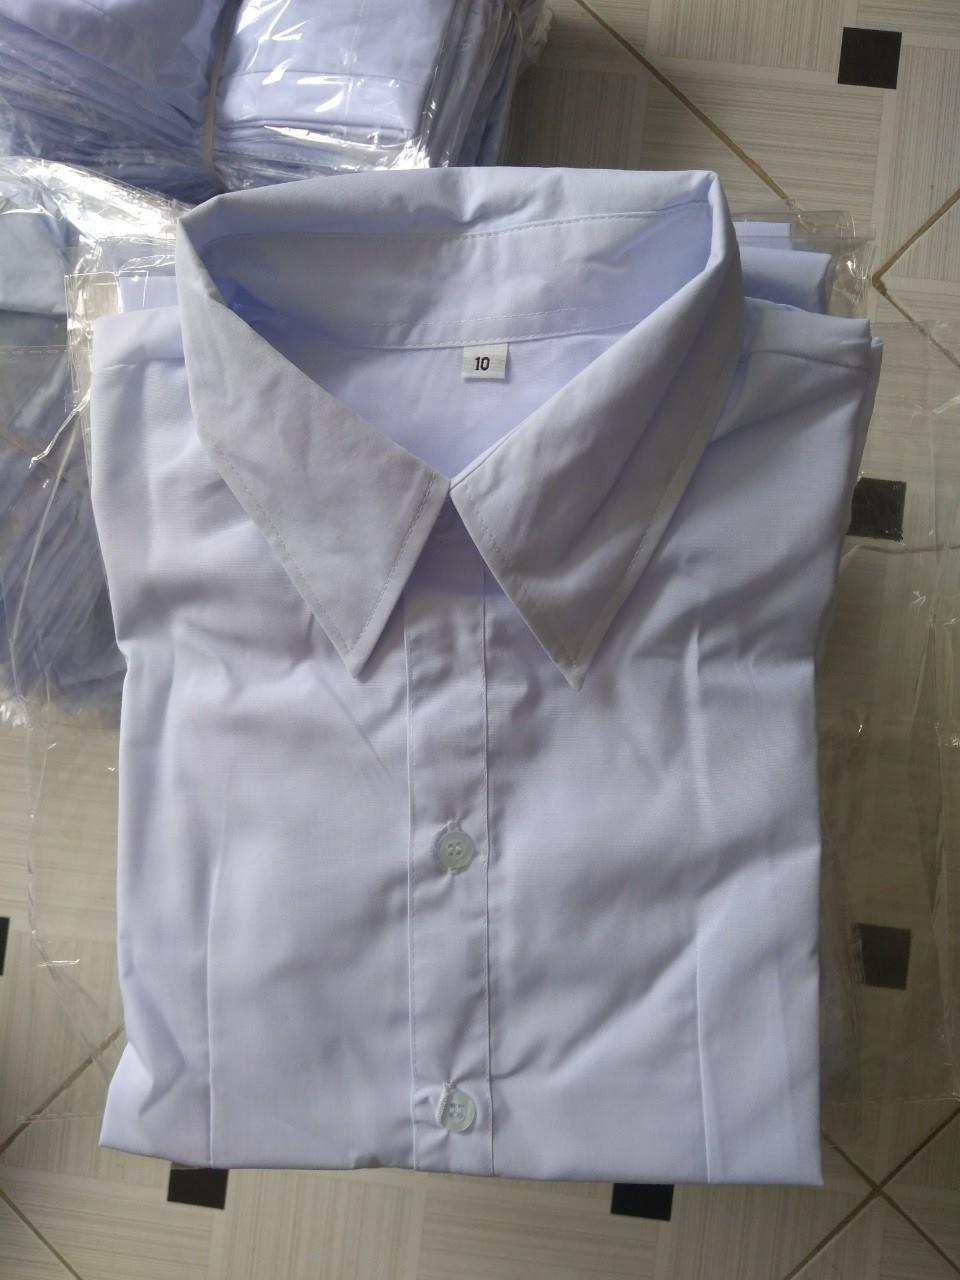 Mẫu may áo sơ mi trắng giá rẻ từ xưởng